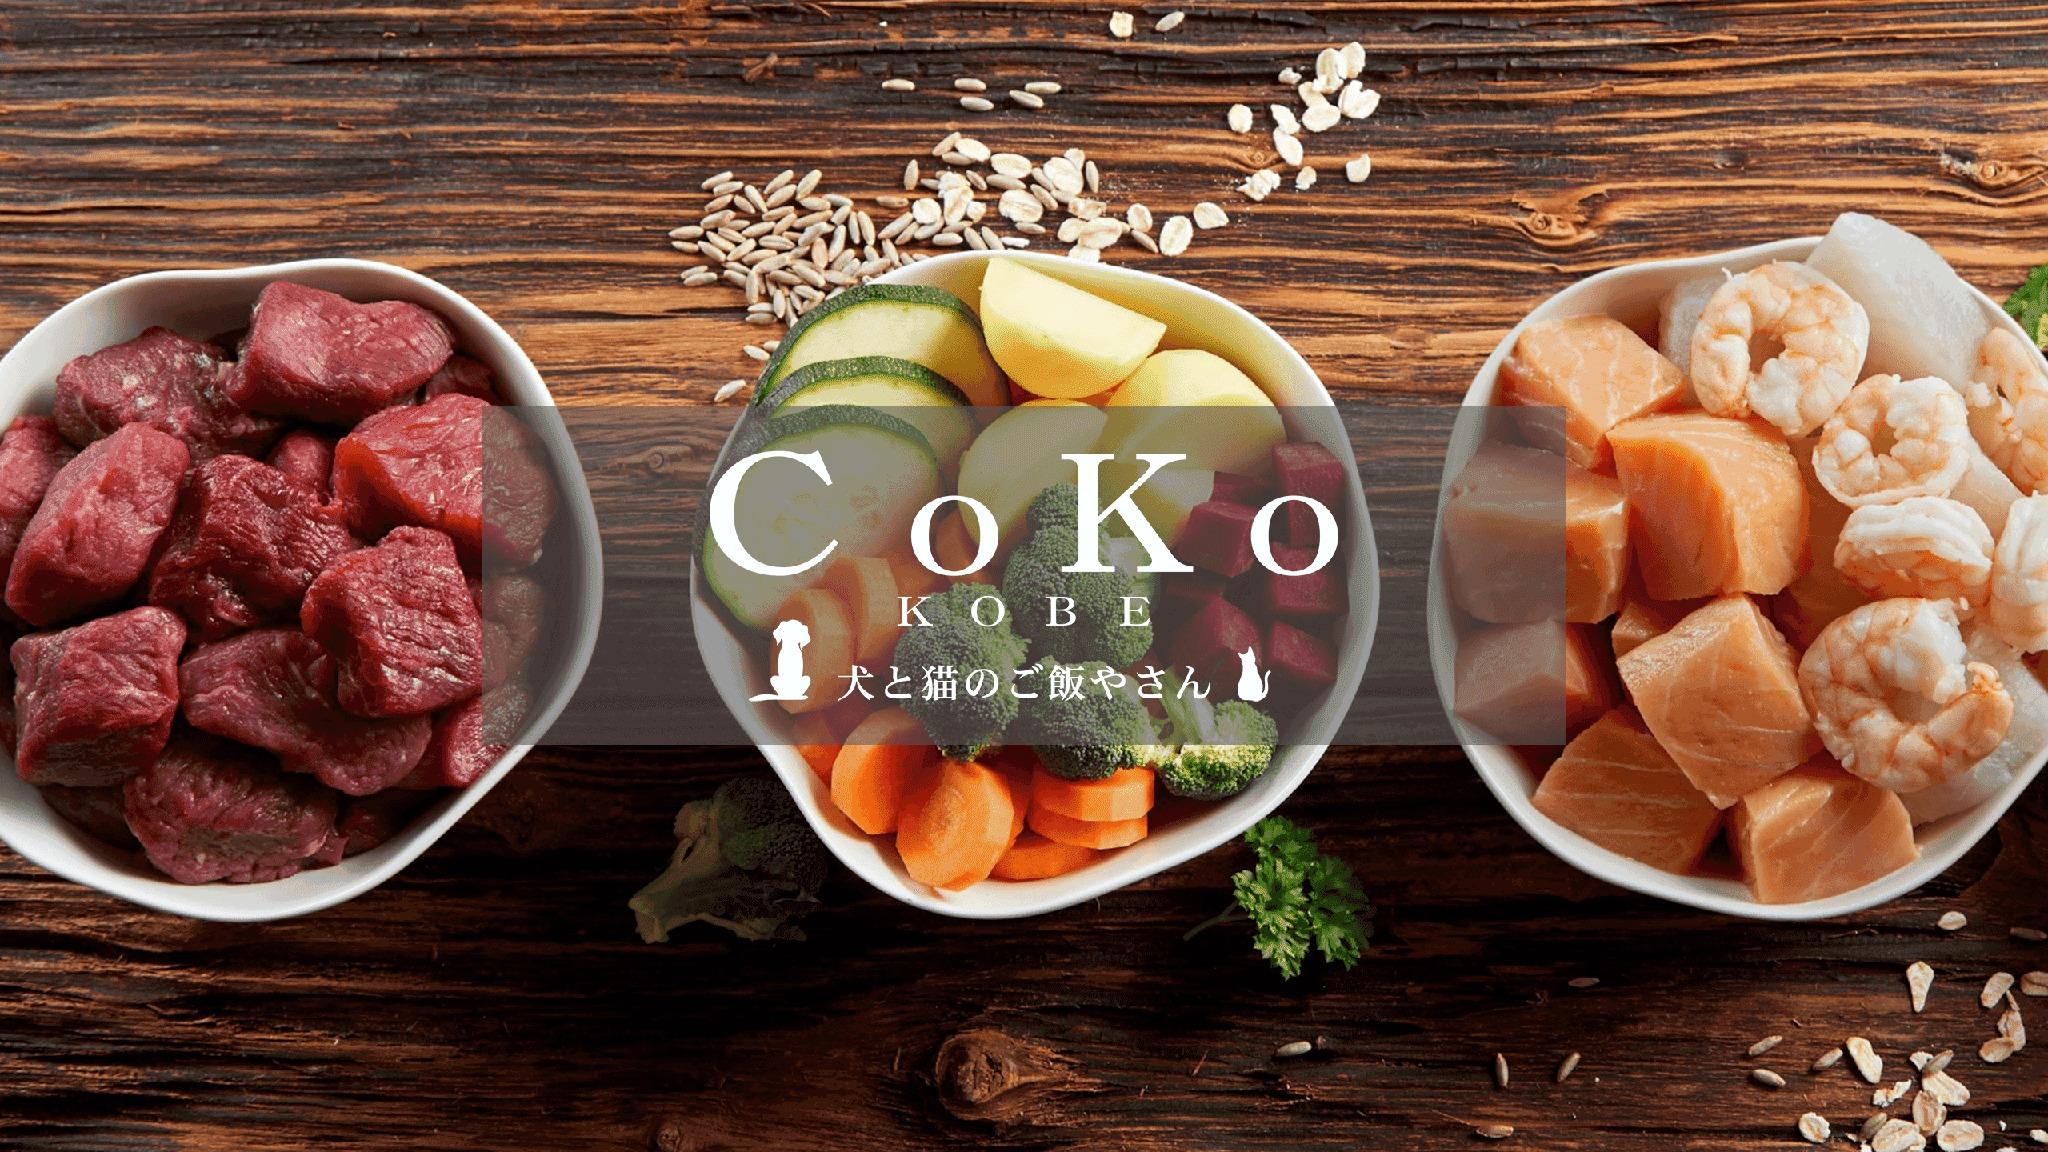 CoKo 犬と猫のご飯やさん ペットフード・手作りフード専門店